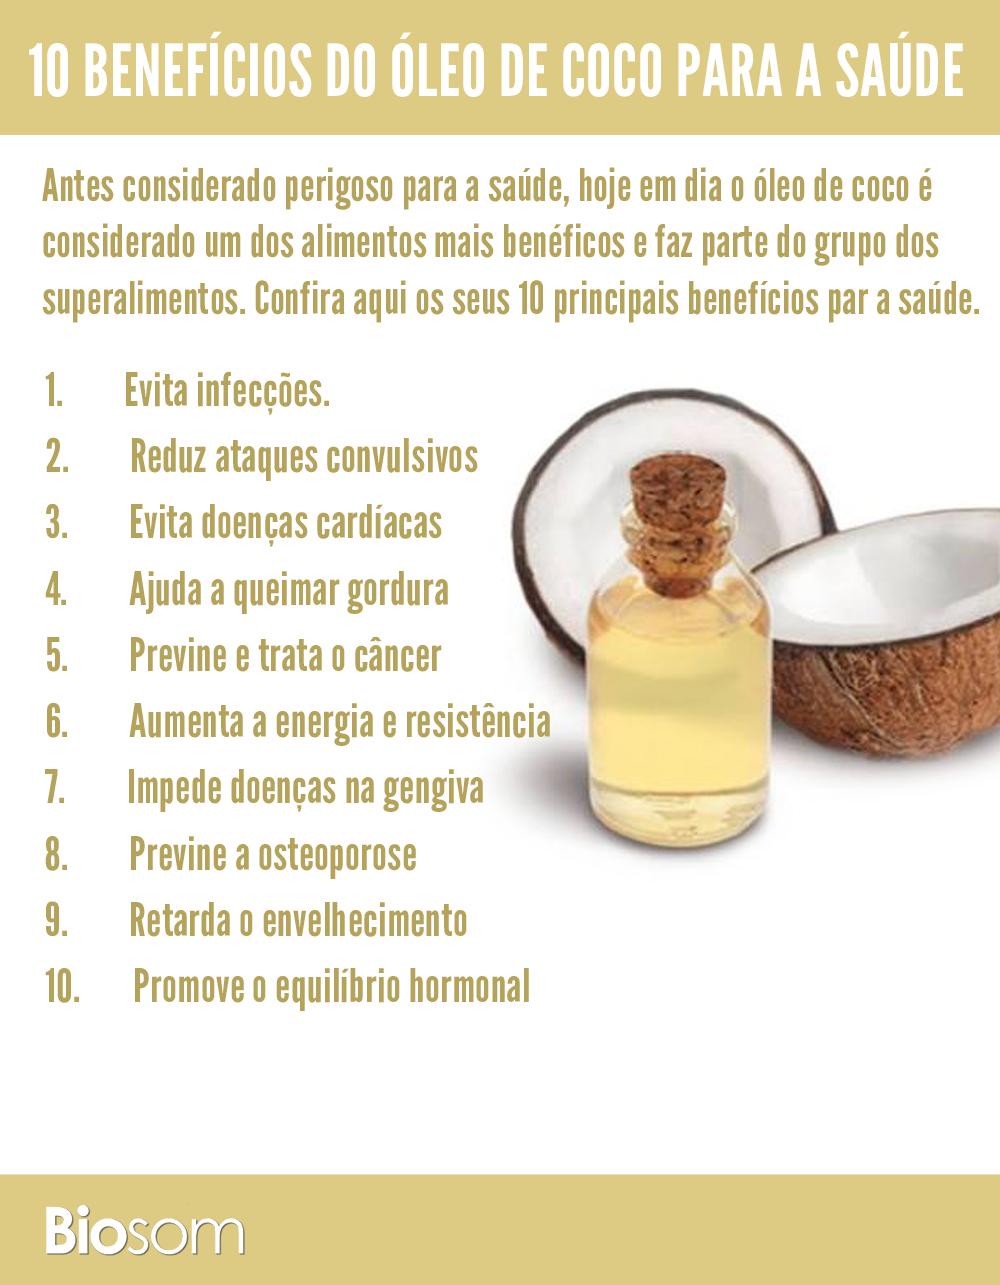 oleo-de-coco-3.png